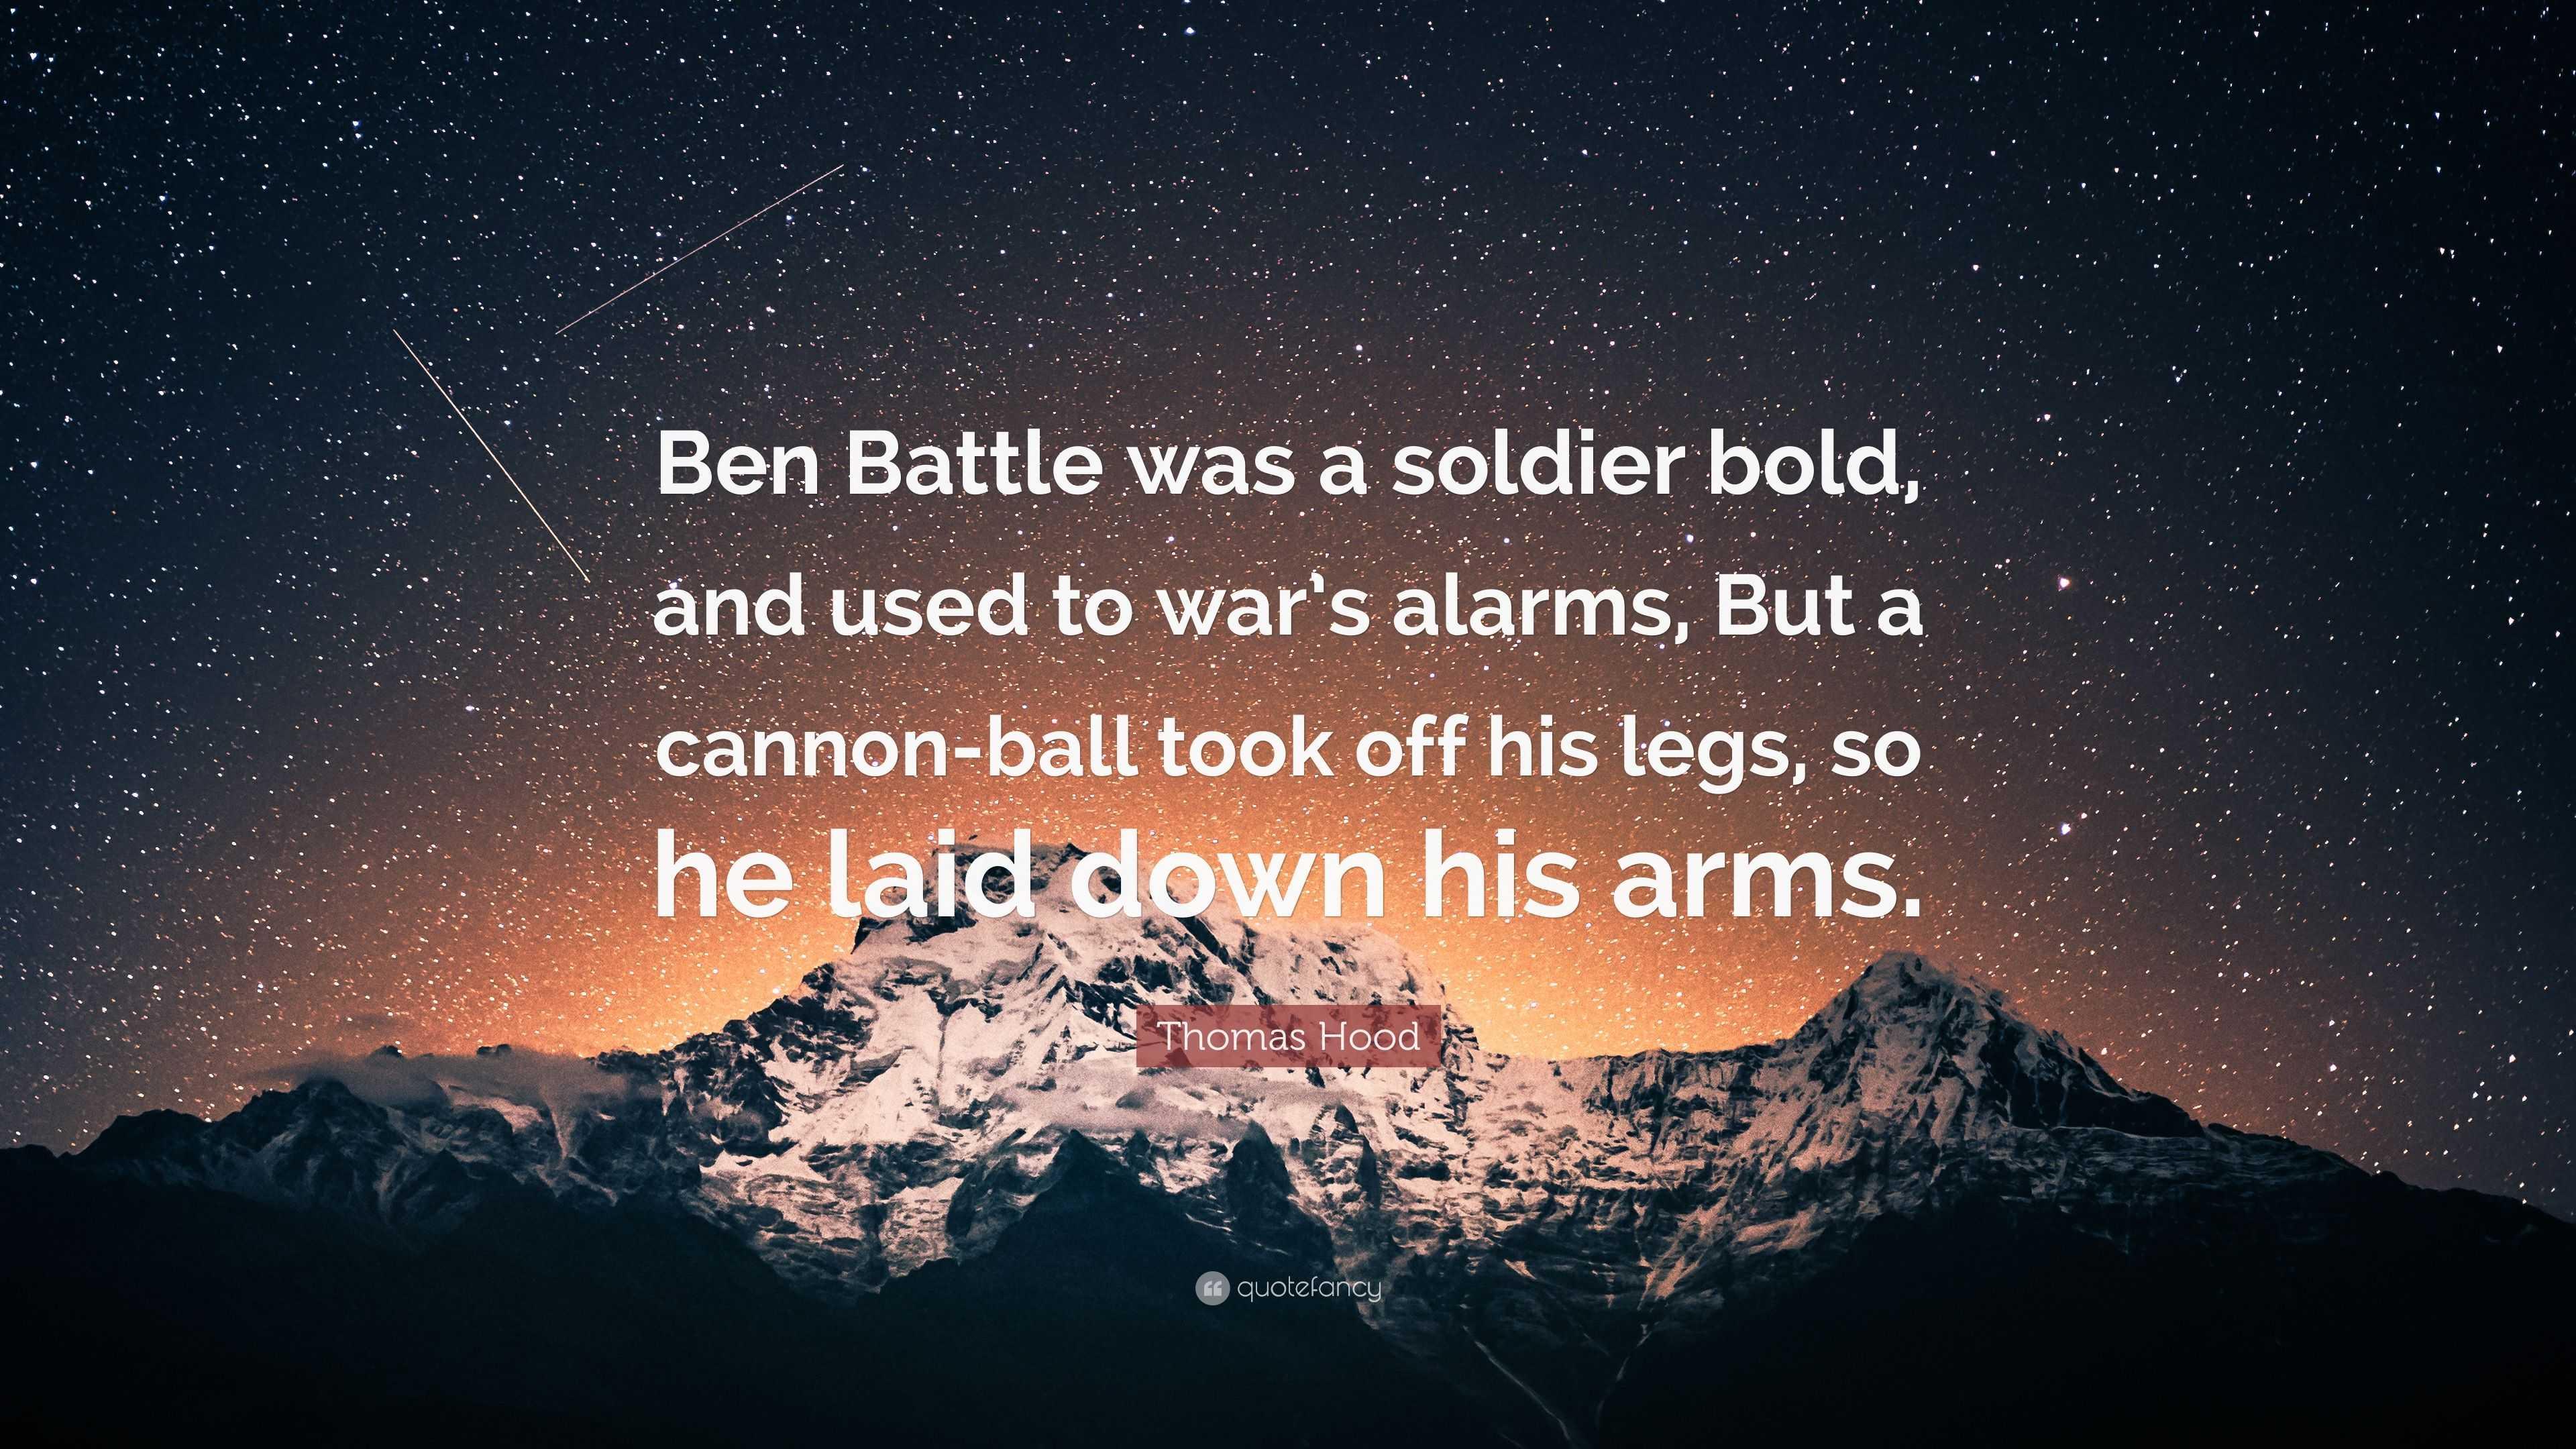 ben battle was a soldier bold